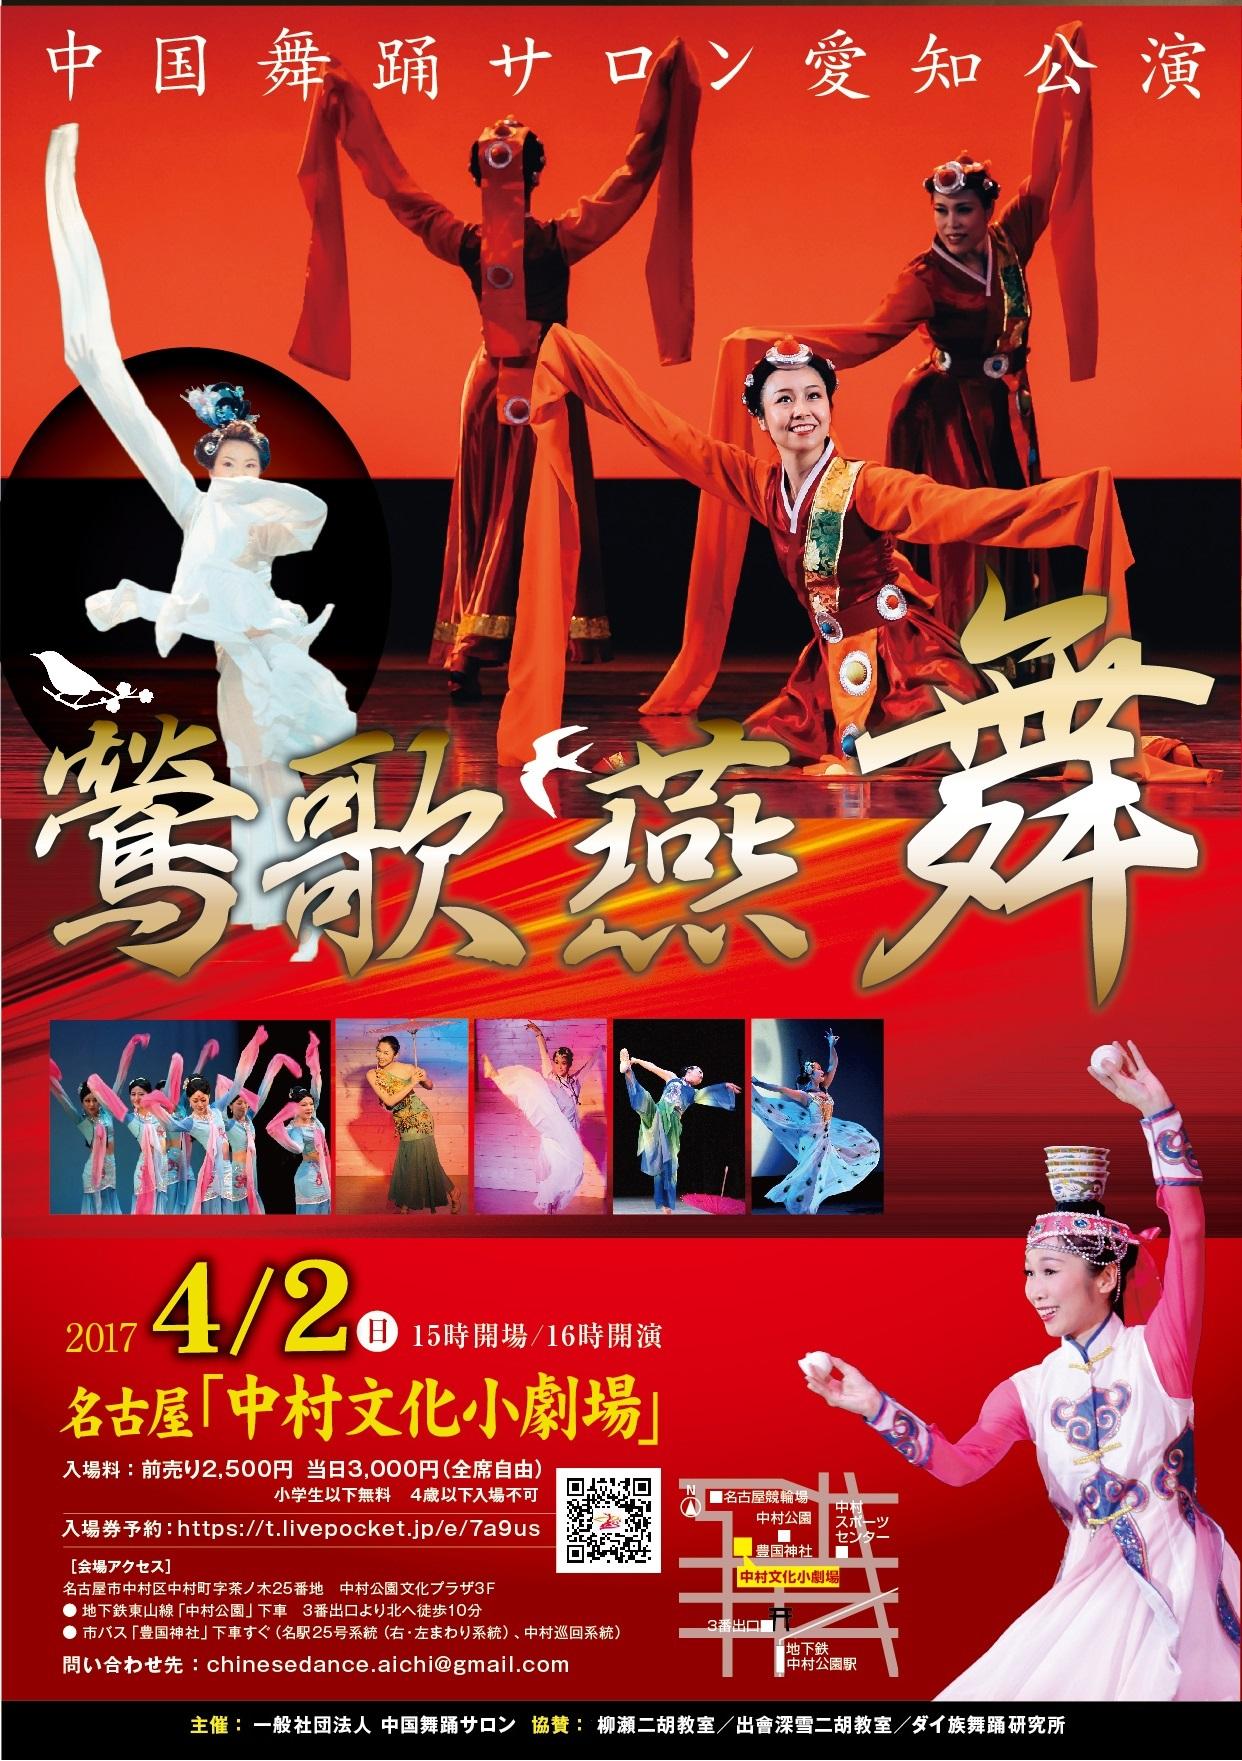 中国舞踊サロン愛知公演 「鶯歌燕舞」